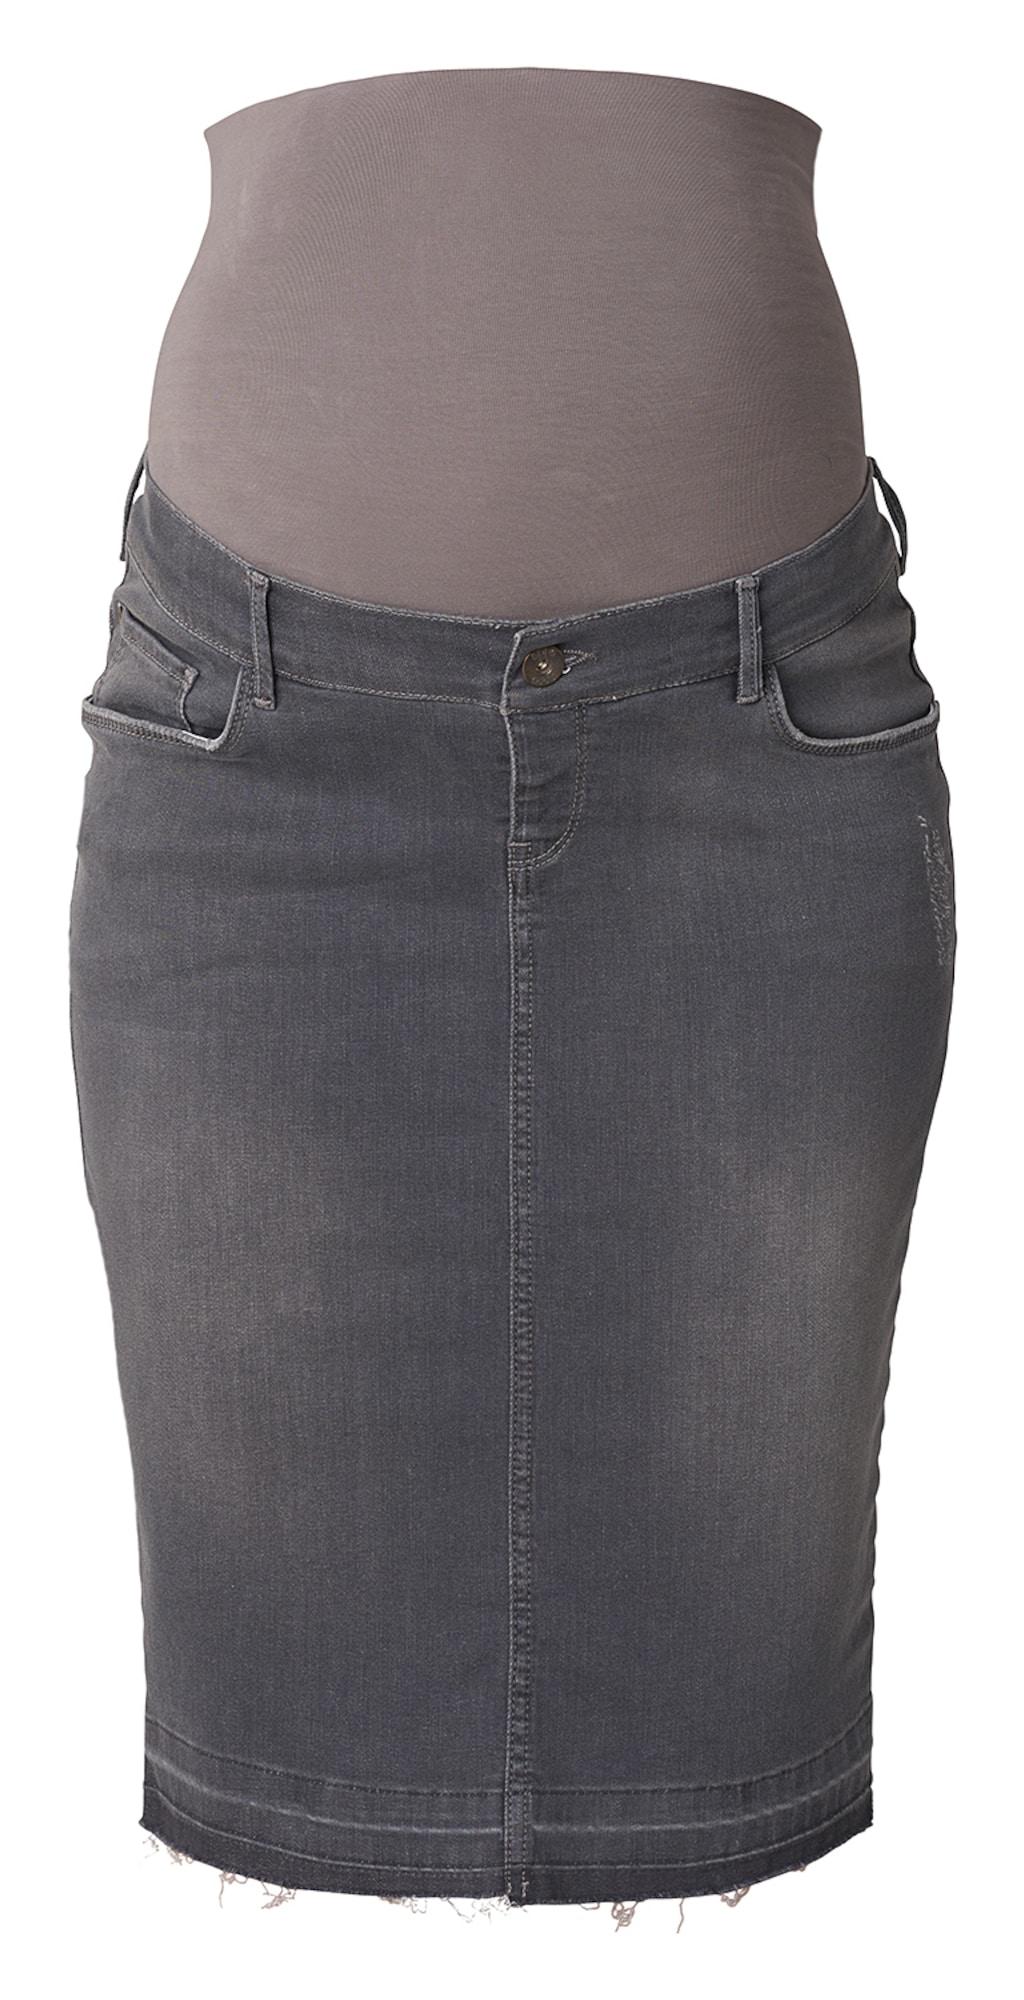 Umstandsrock Jeans Joy | Bekleidung > Umstandsmode > Umstandsröcke | Noppies